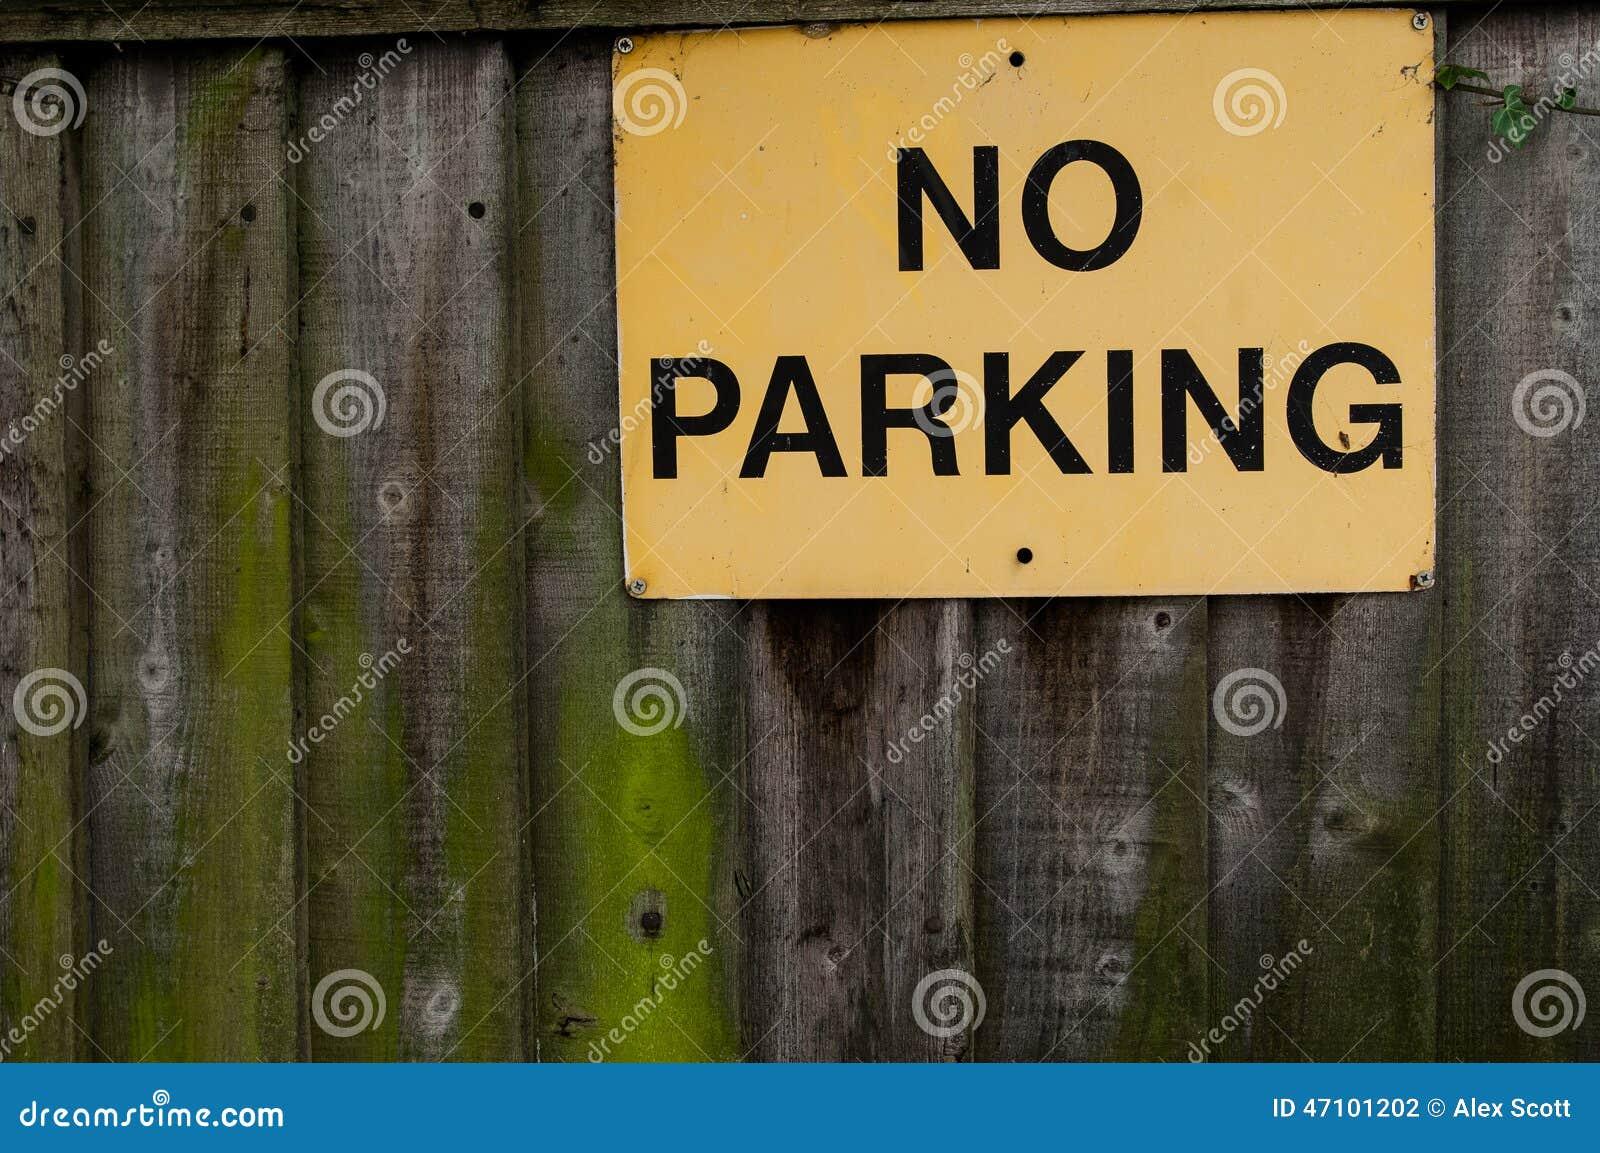 Parkverbotsschild auf Bretterzaun